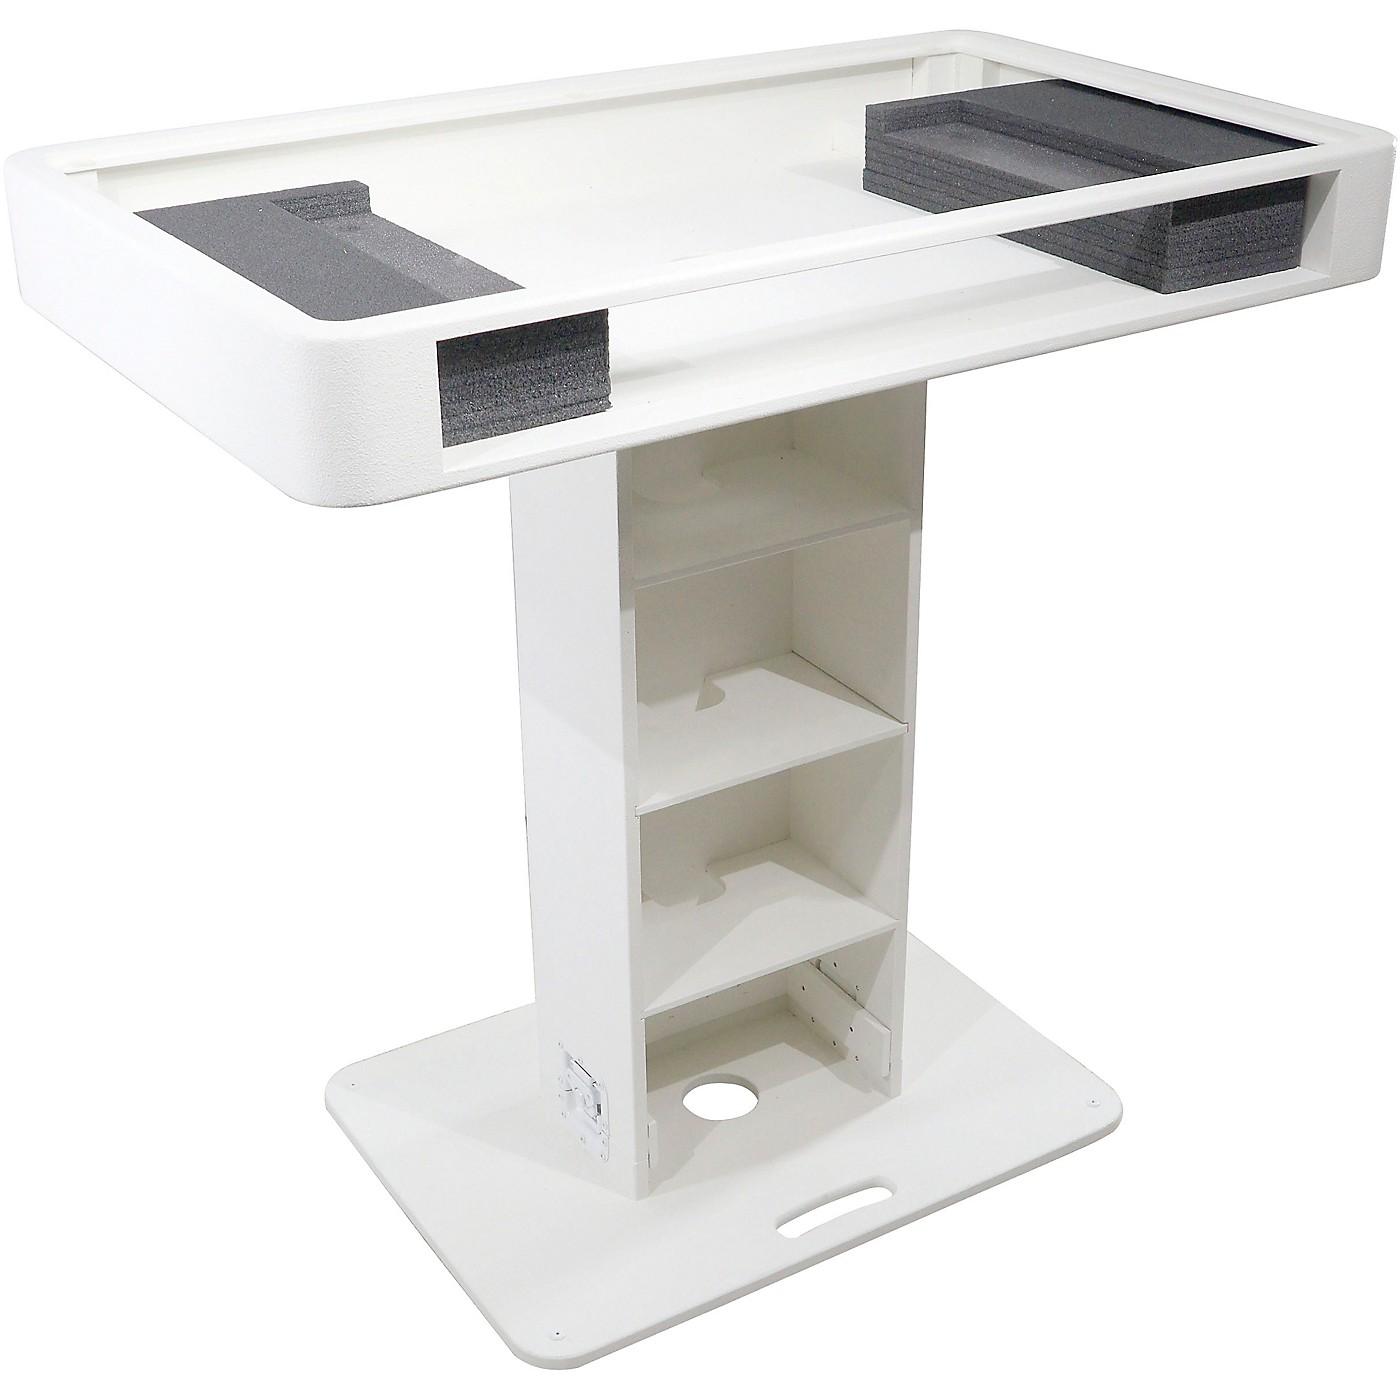 ProX DJ Control Tower in White Fits XDJ-XZ, DDJ-SZ, DDJ-1000, DDJ-SX3 thumbnail